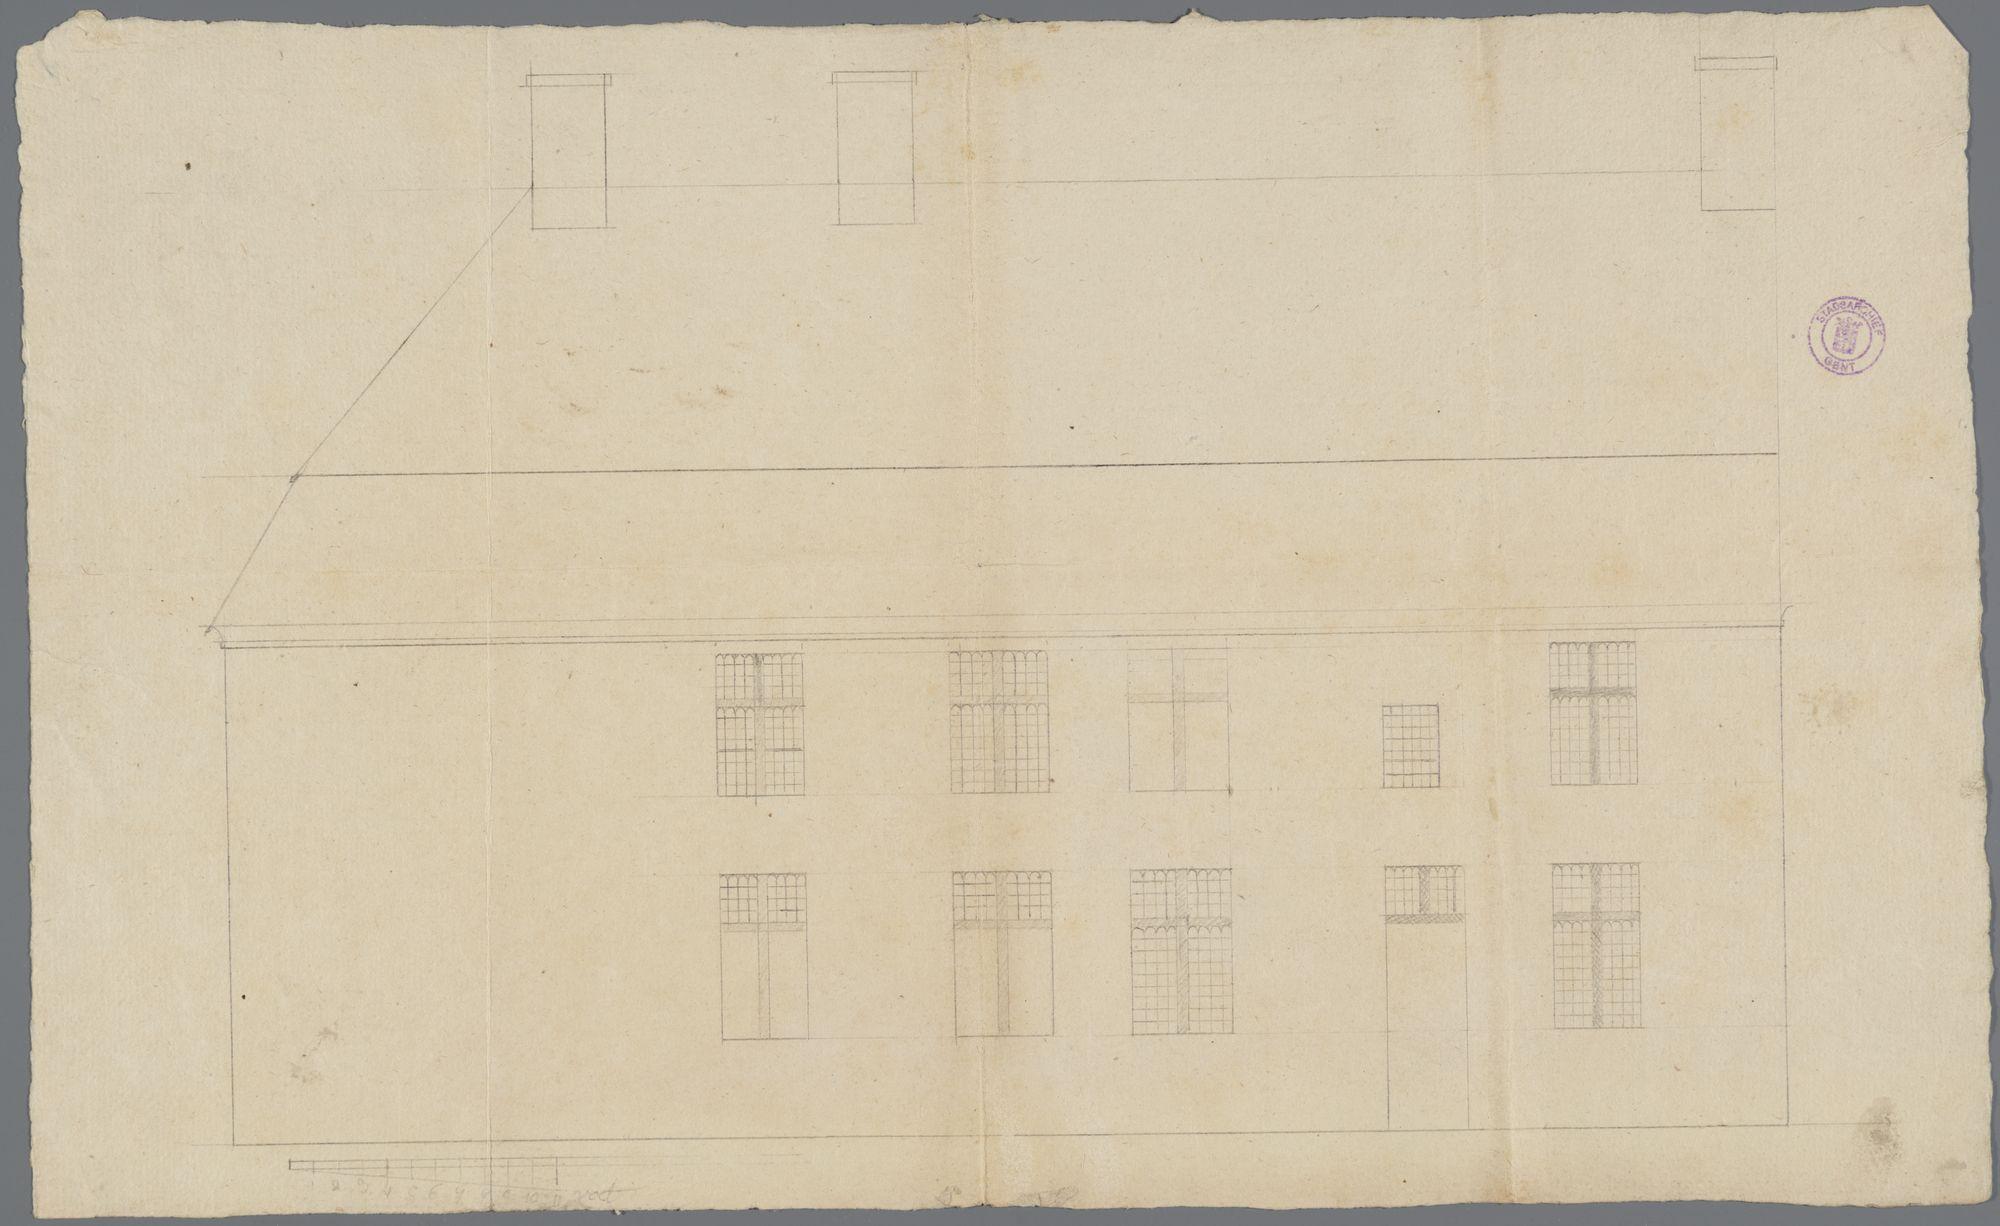 Gent: 't Stuk, 1795: opstand gevel: oude en nieuwe toestand